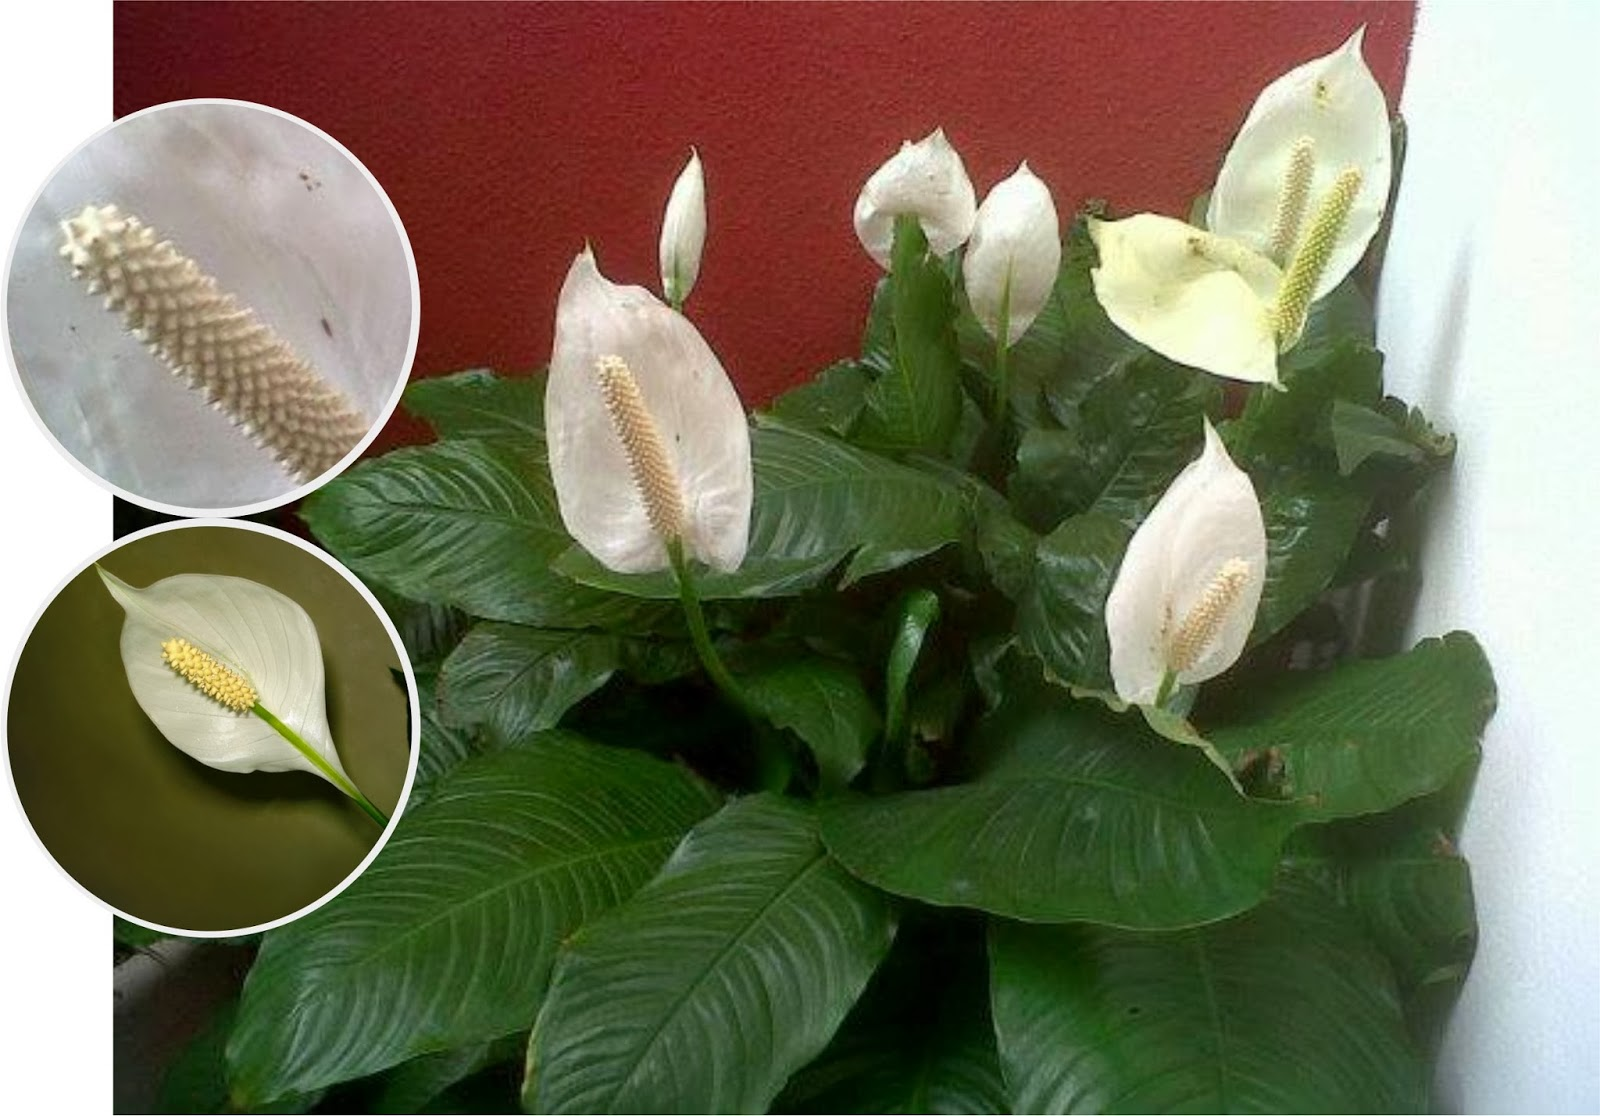 V e r d e c h a c o ornamentales en nuestros jardines 2 for 6 plantas ornamentales